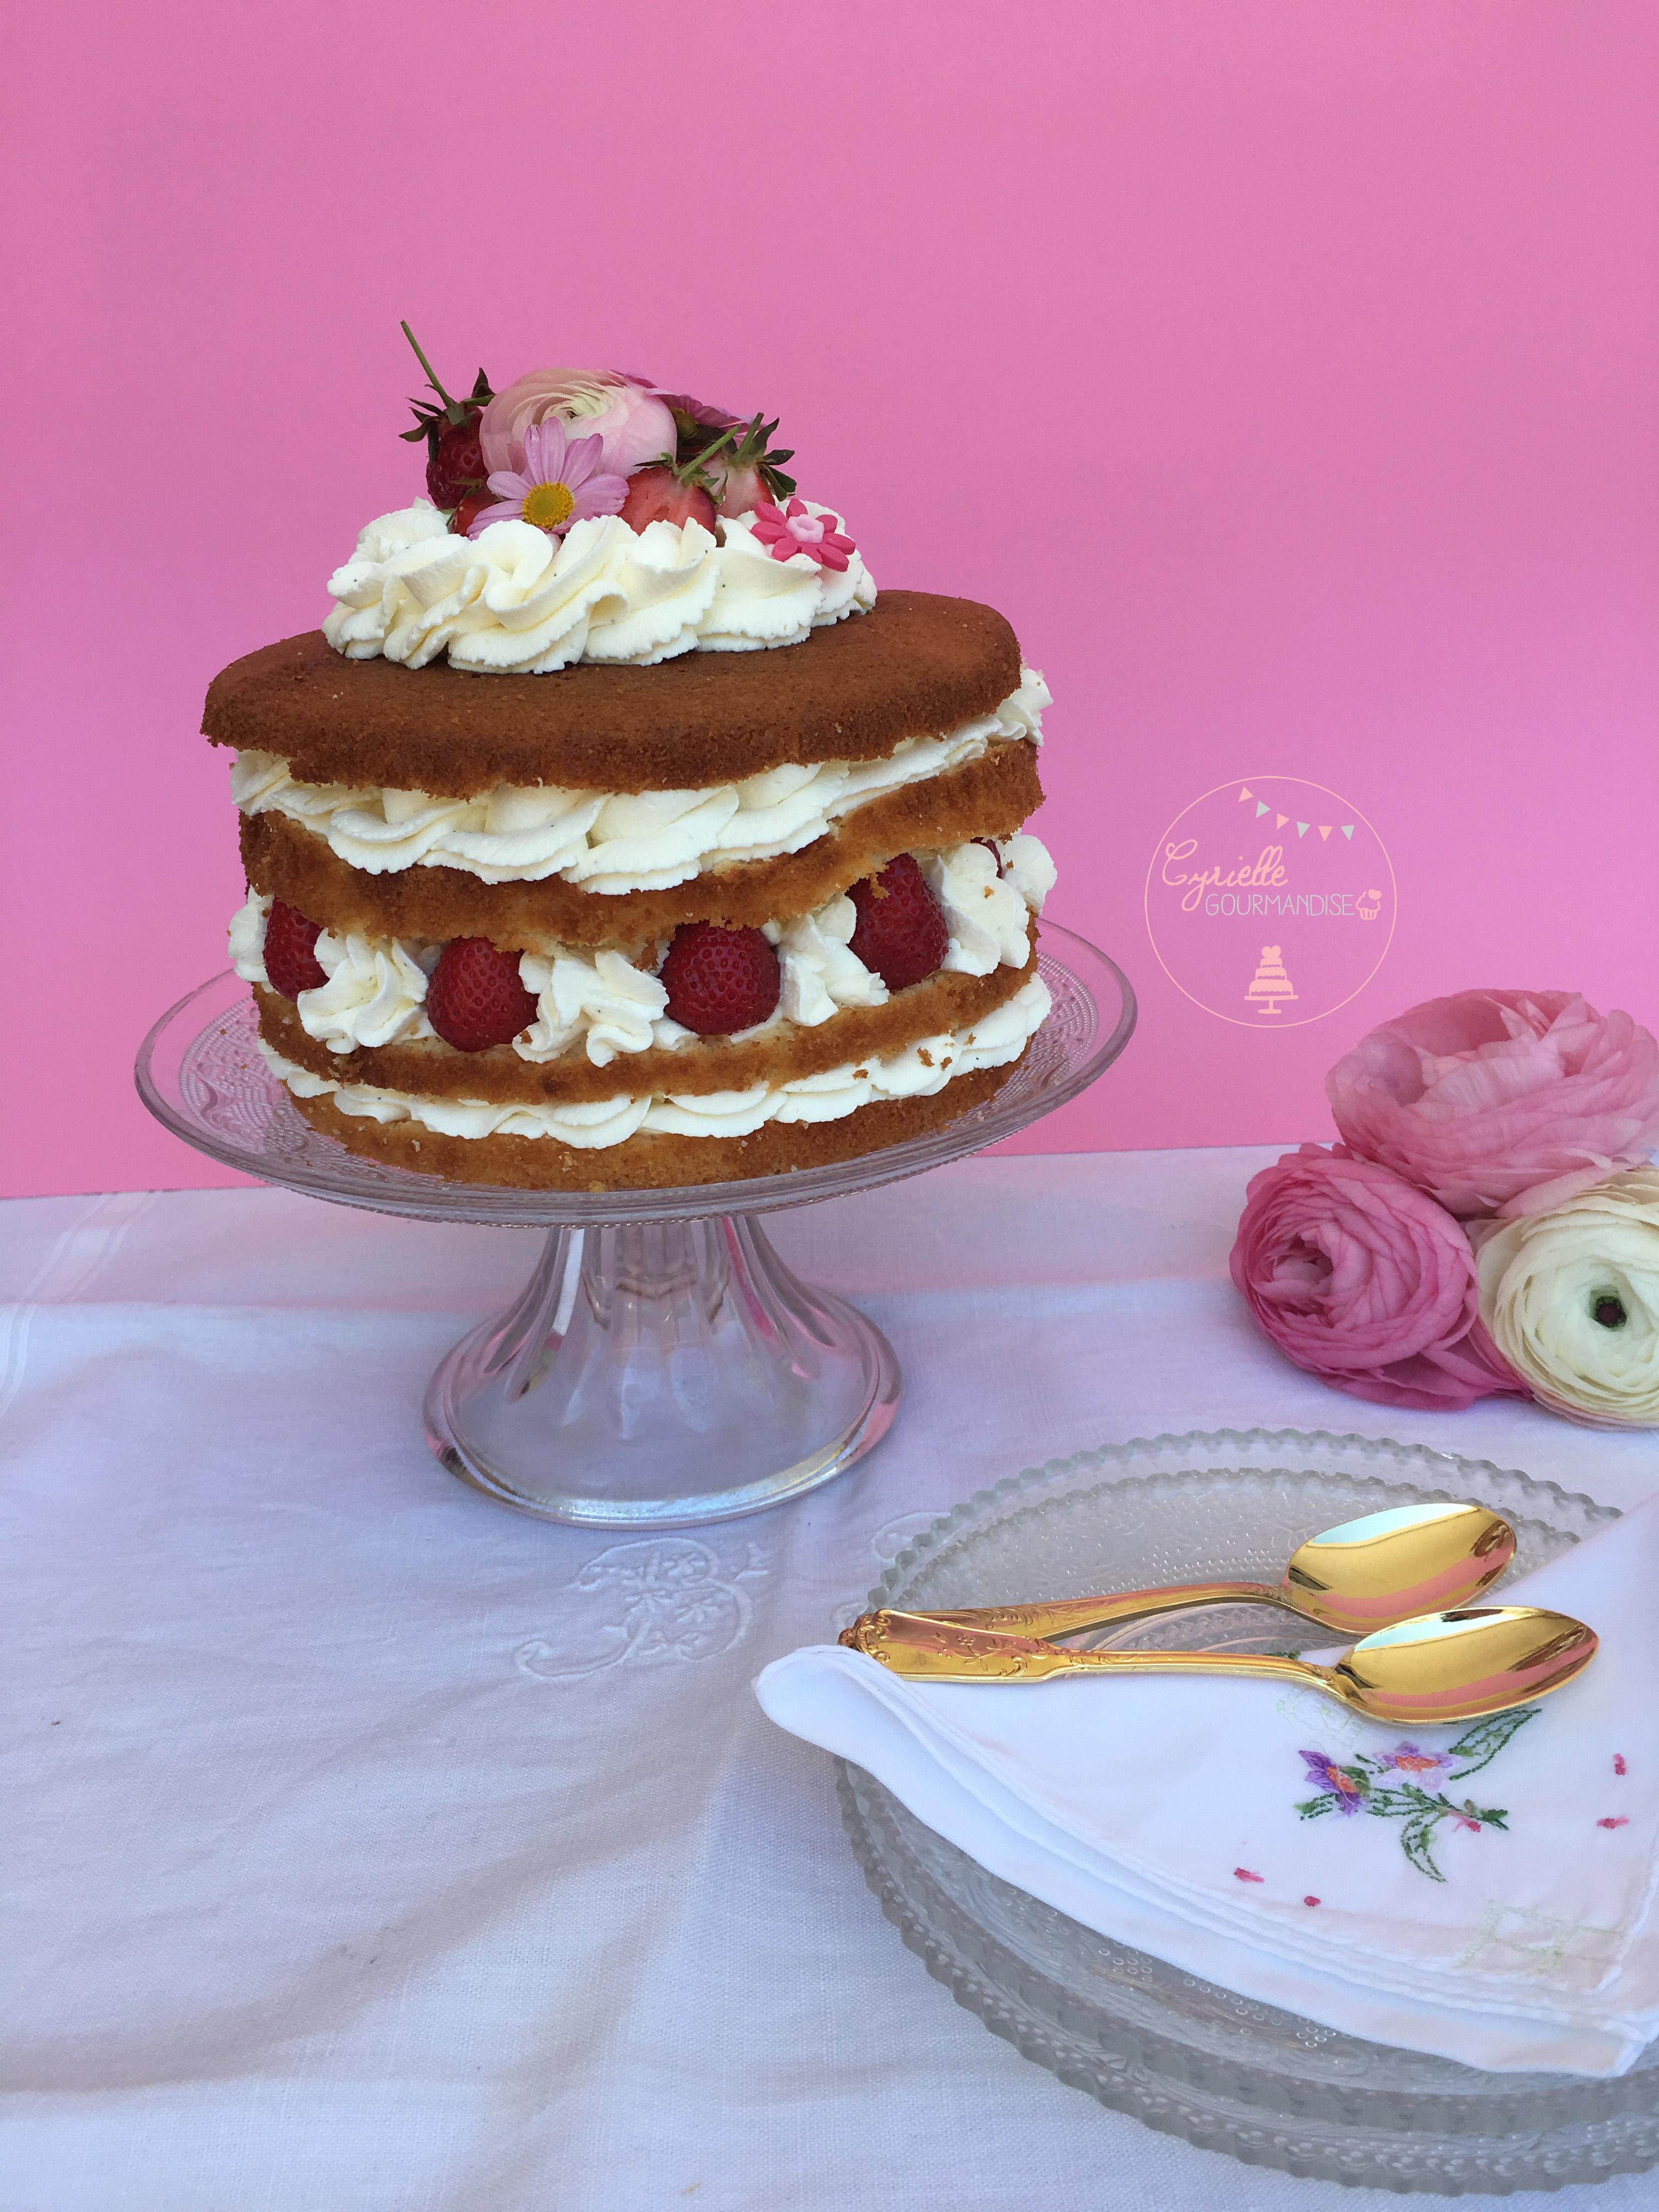 Naked Chiffon Cake Fraise Rhubarbe Vanille